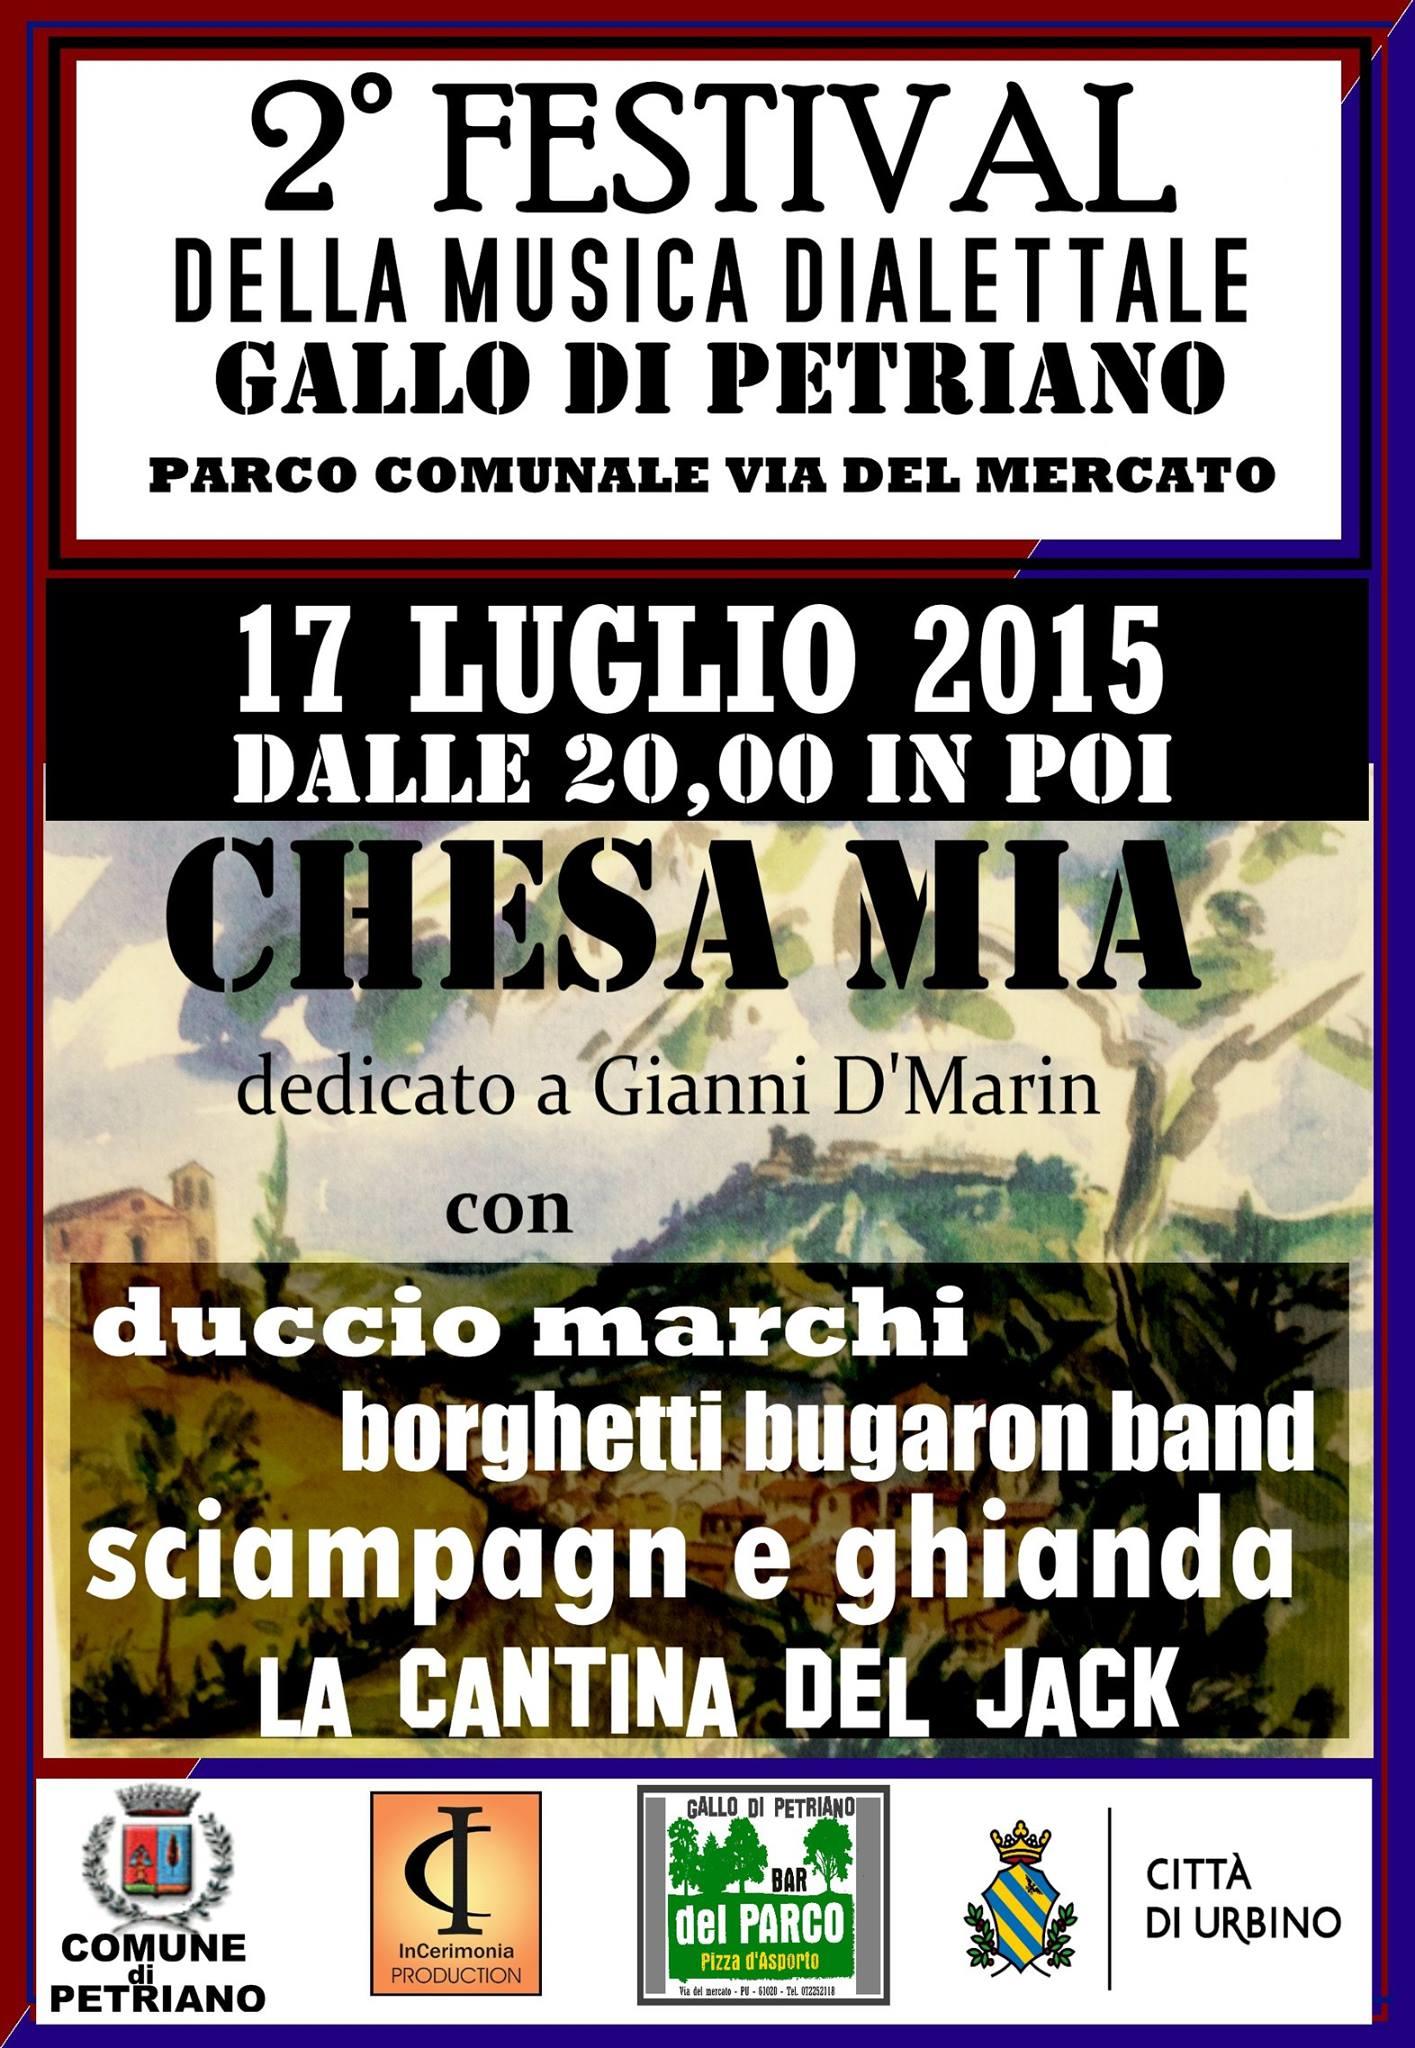 Festival Della Musica Dialettale 2015 - Borghetti Bugaron Band